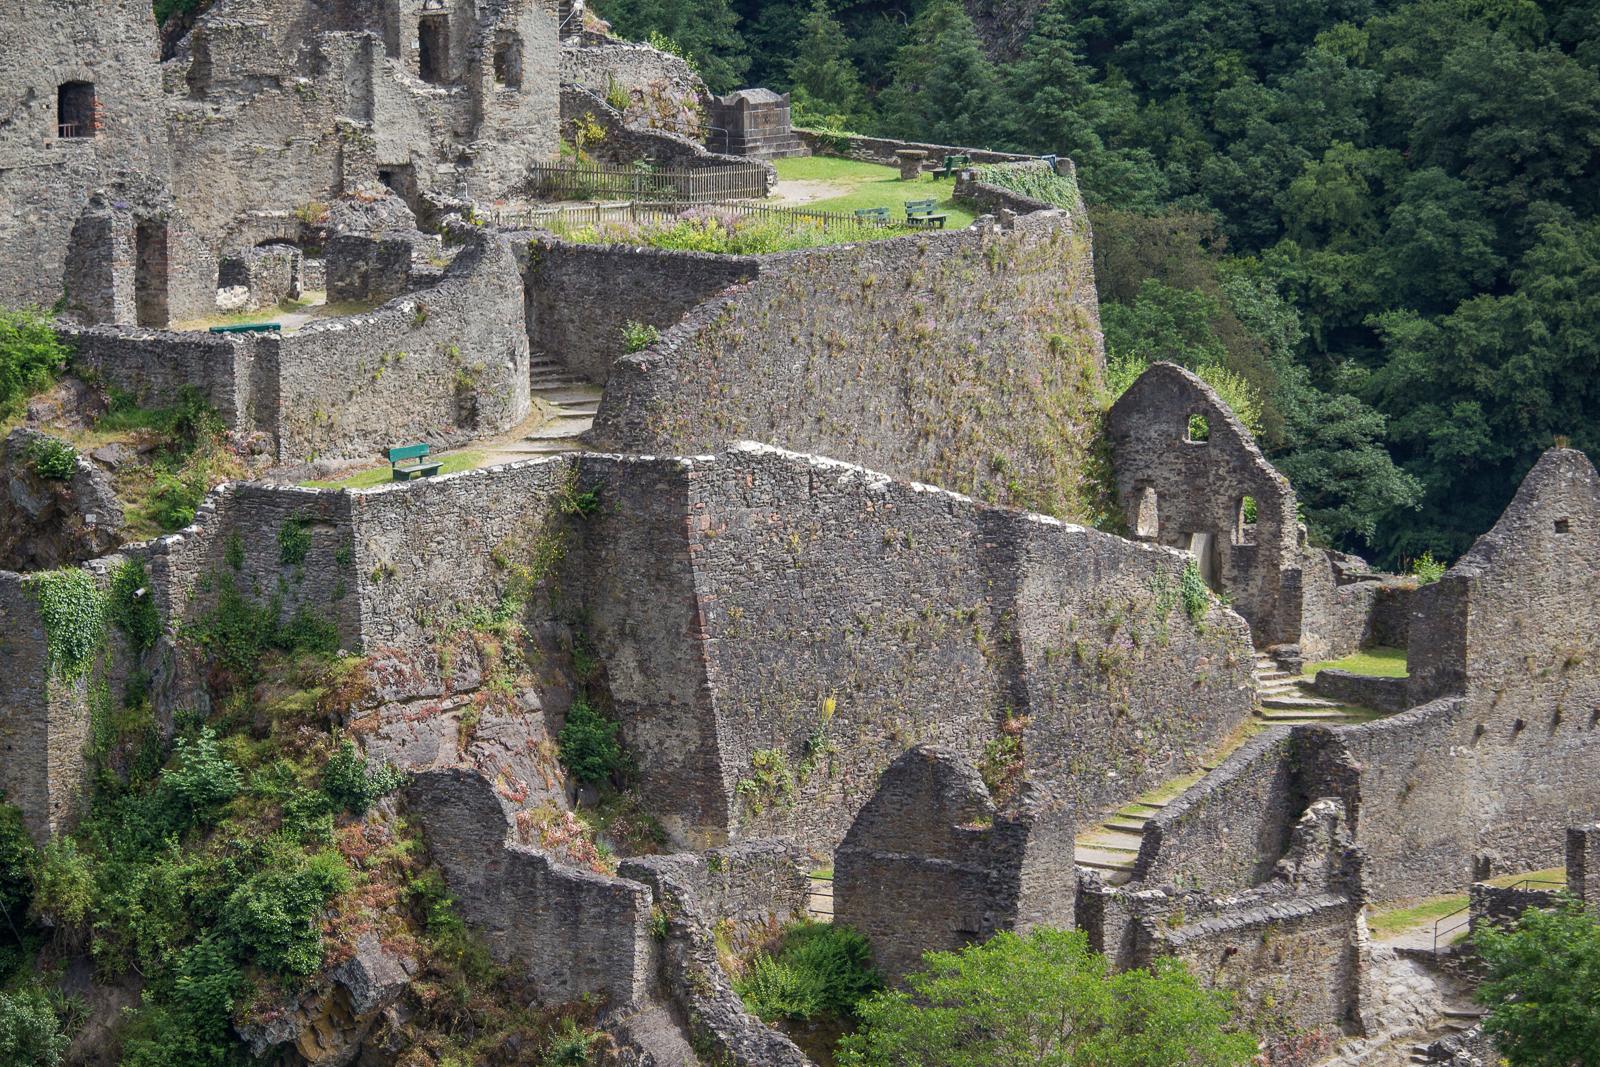 Die Manderscheider Niederburg kann bis auf Dienstags besichtigt werden.